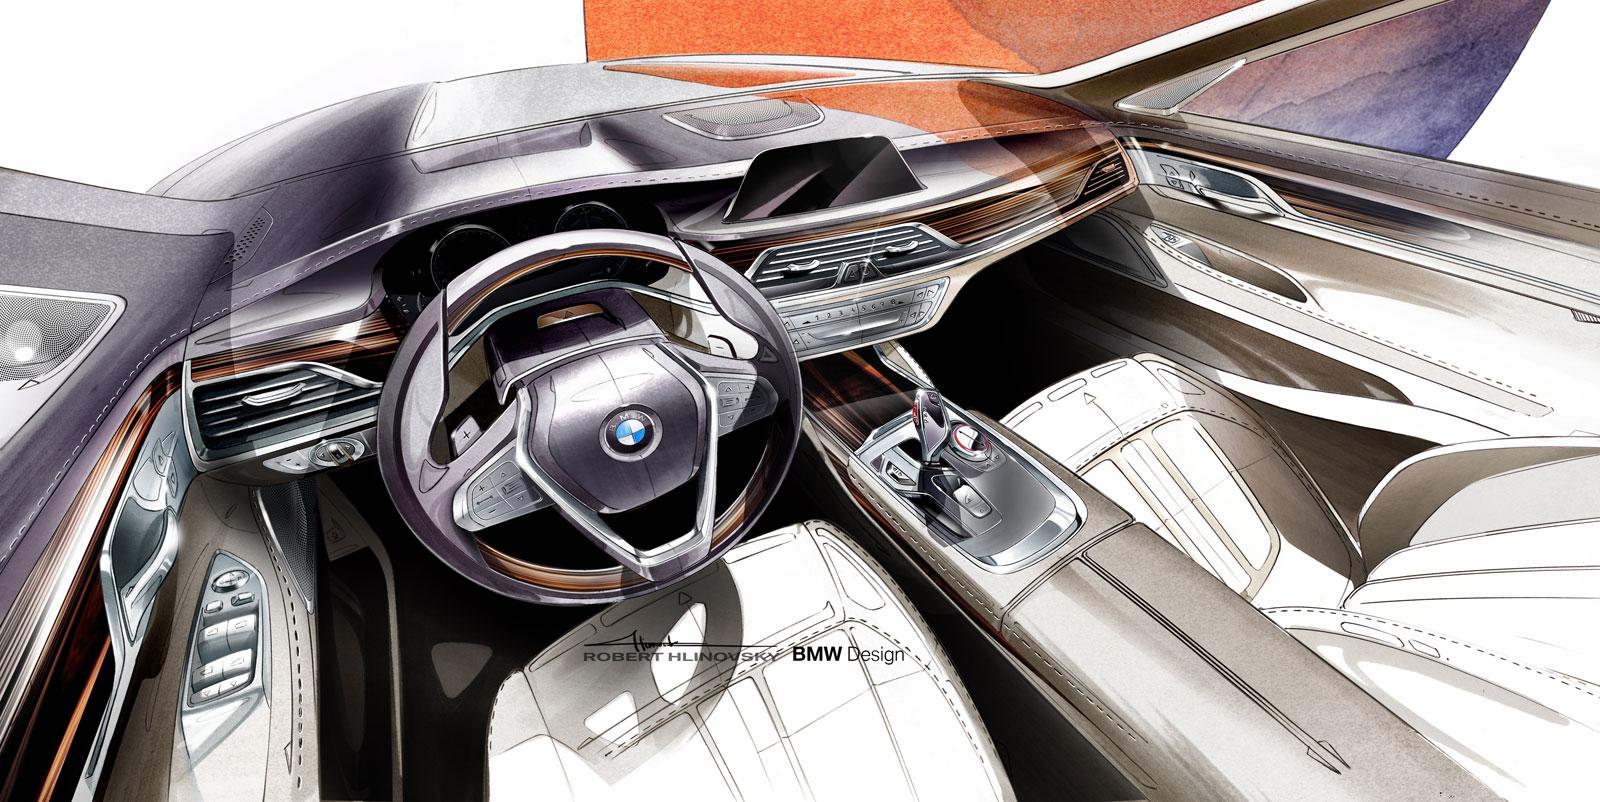 Bmw 7 Series Interior Design Sketch Car Body Design